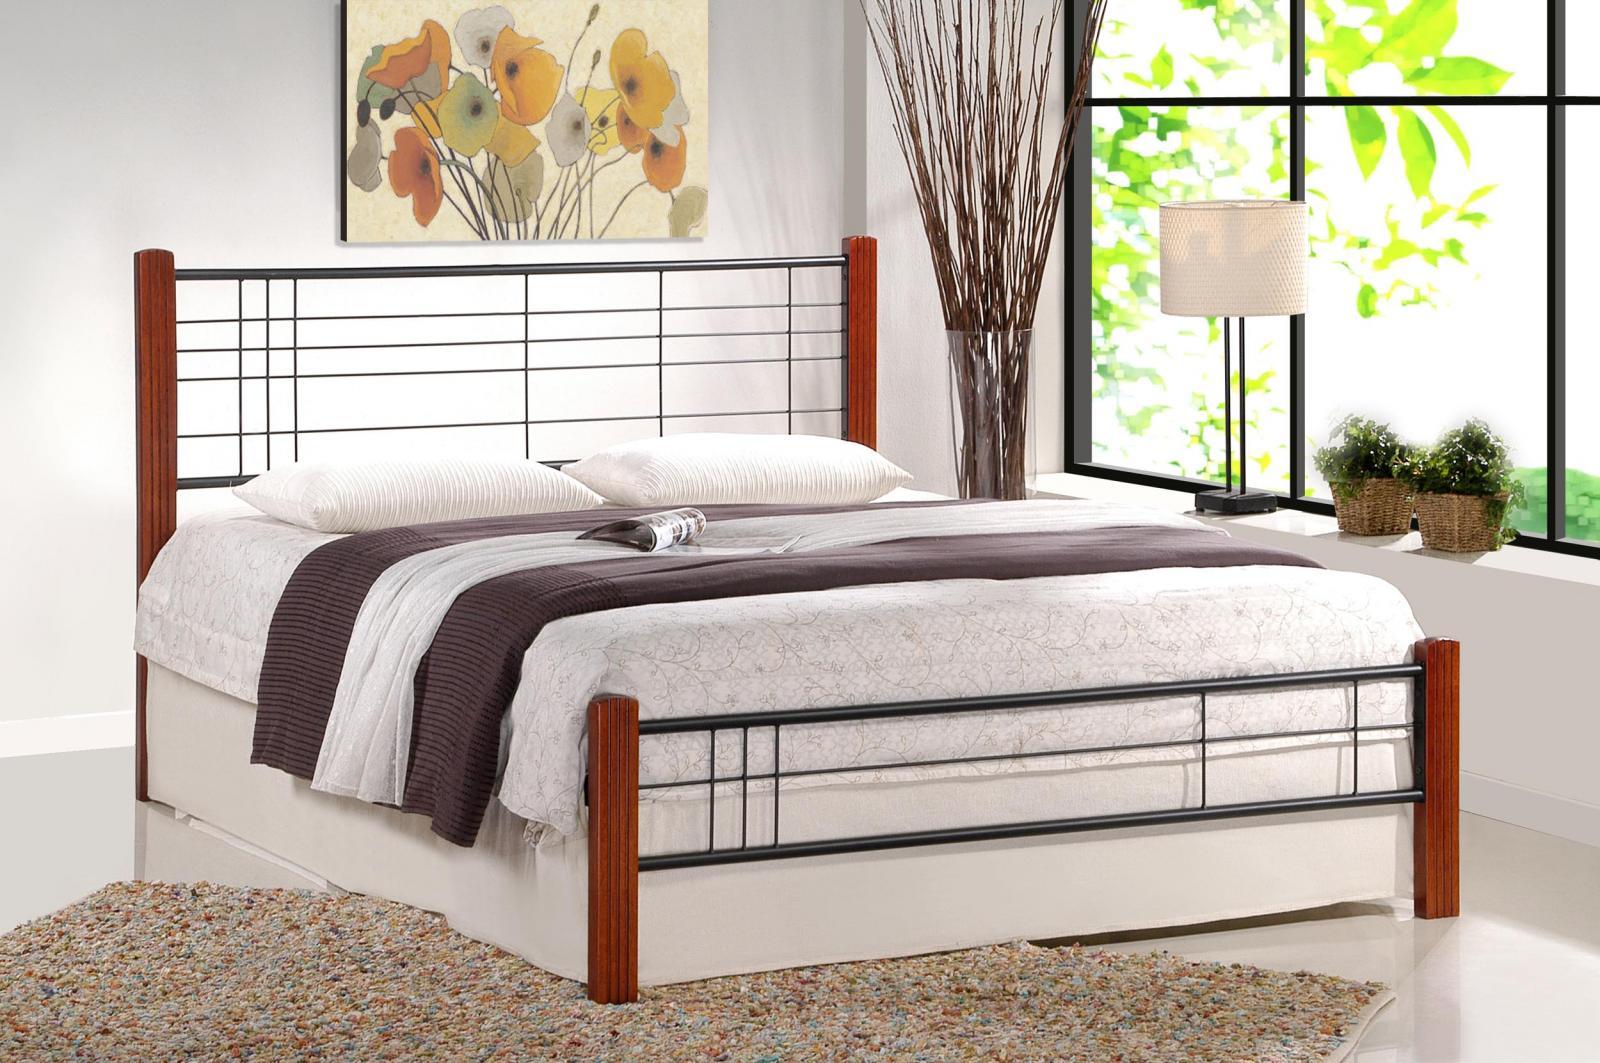 Łóżko z ozdobnymi, metalowymi elementami